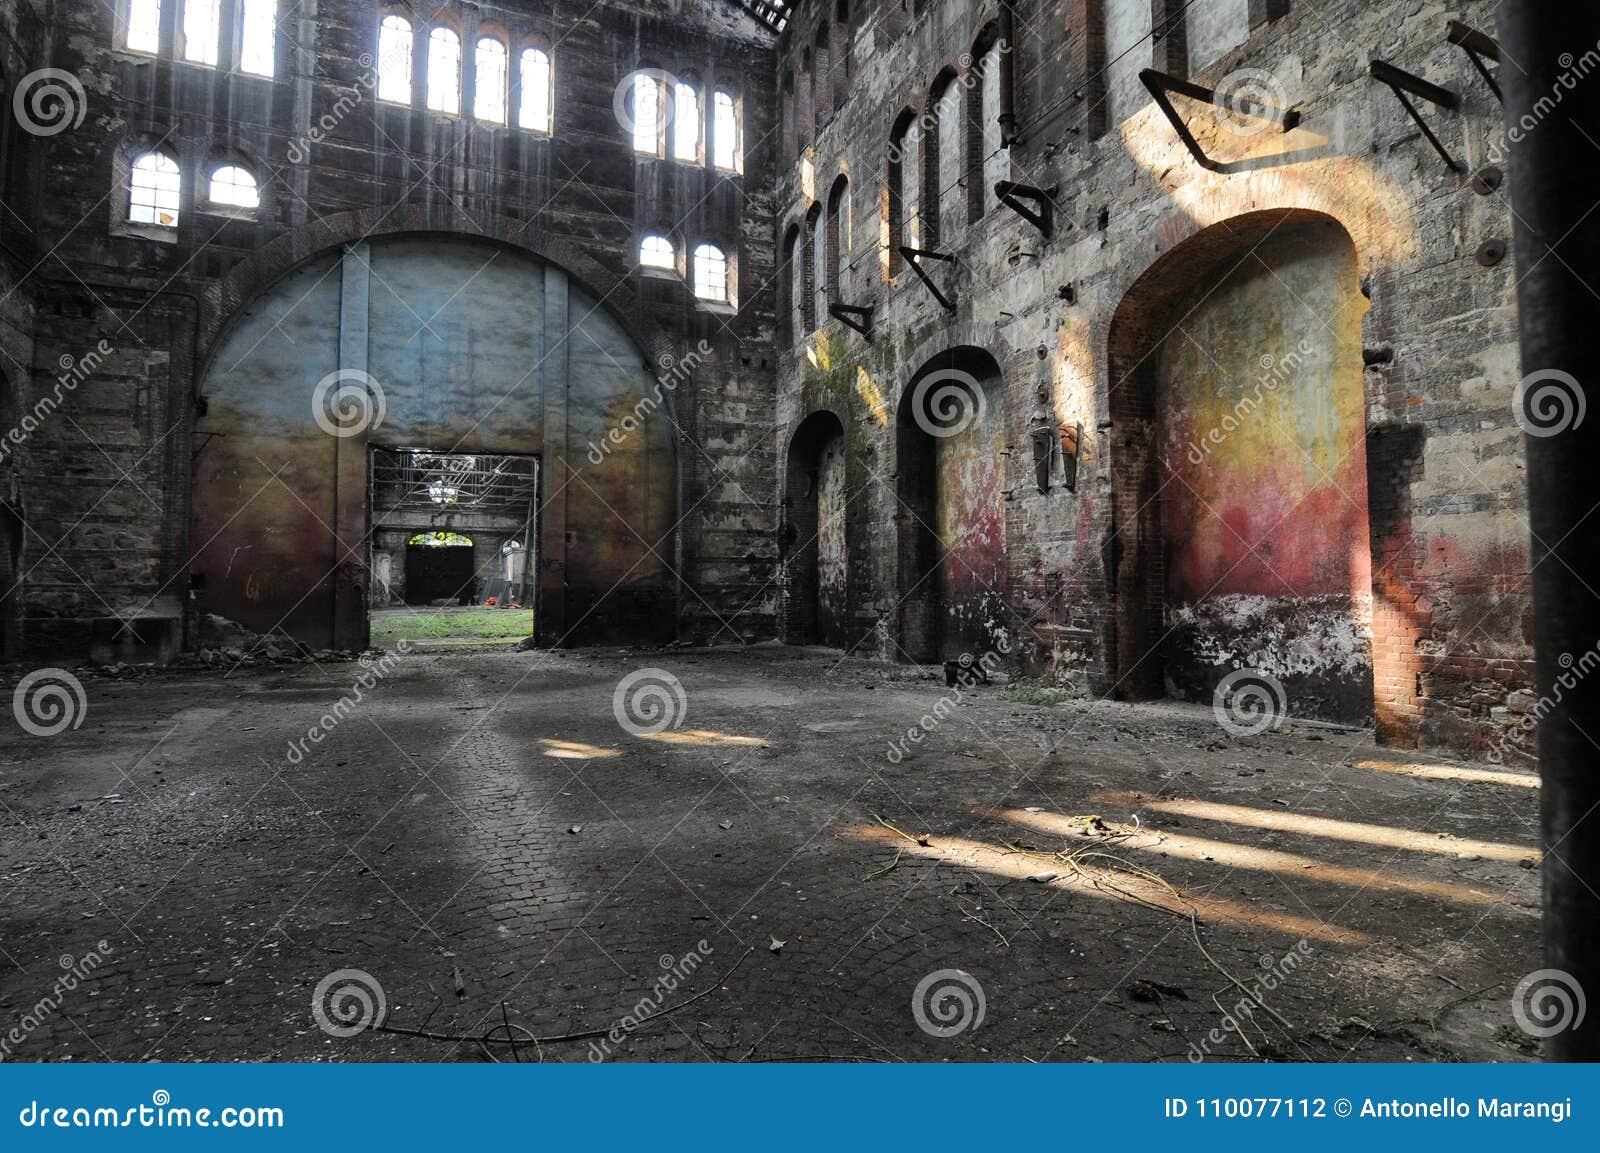 Panoramablick des leeren Industrieanlagestandorts stationieren heutzutage für Sitzungen und Ausstellungen OGR